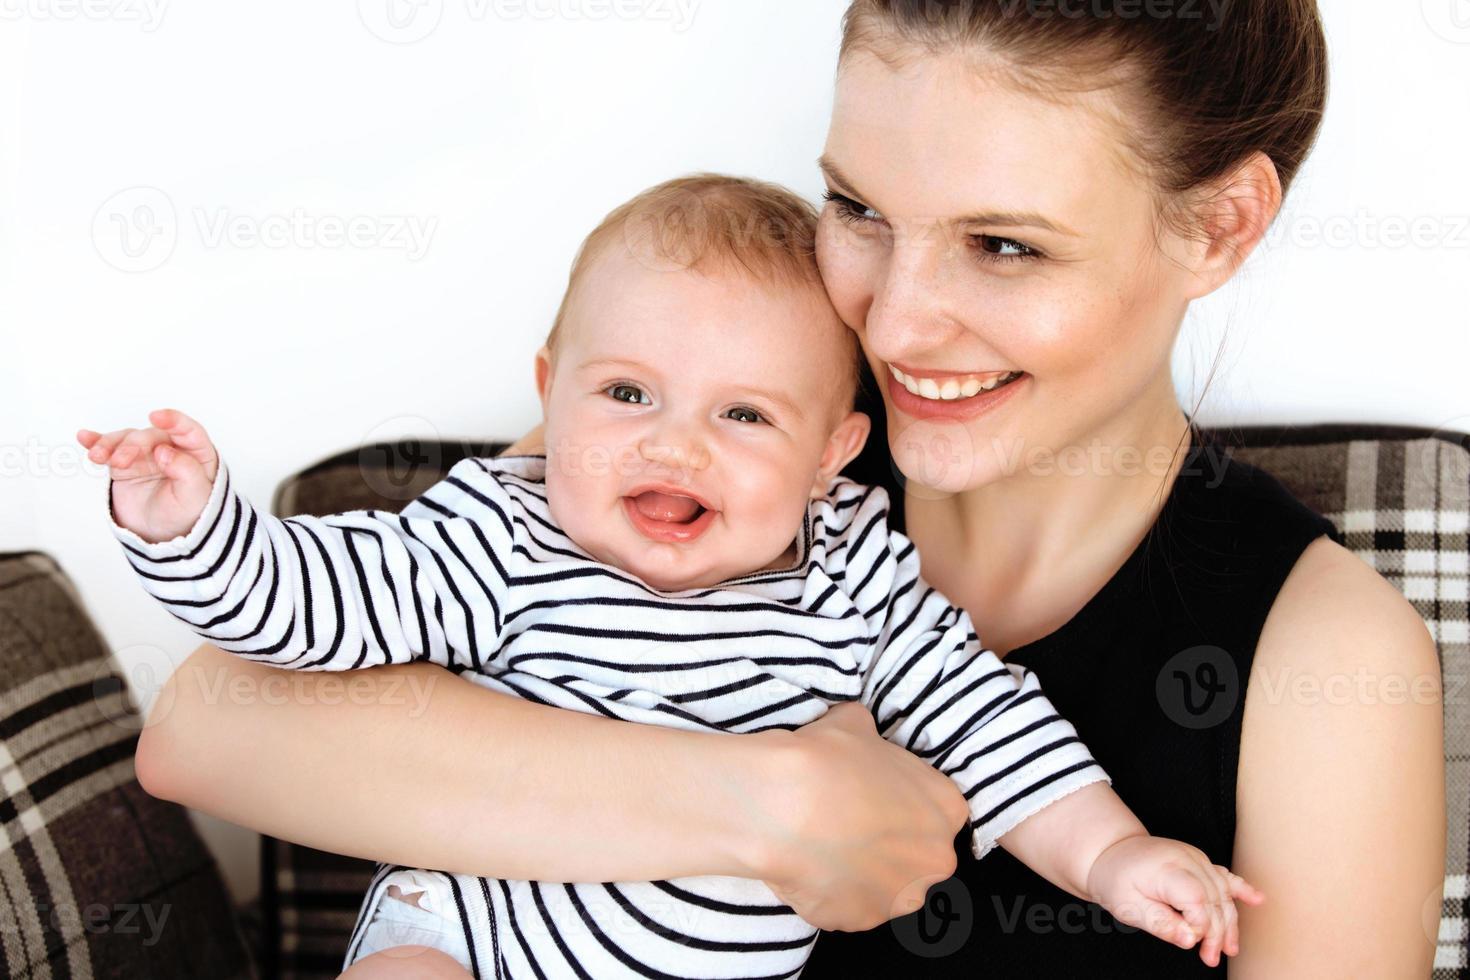 mamma och barn som leker. glad familj foto